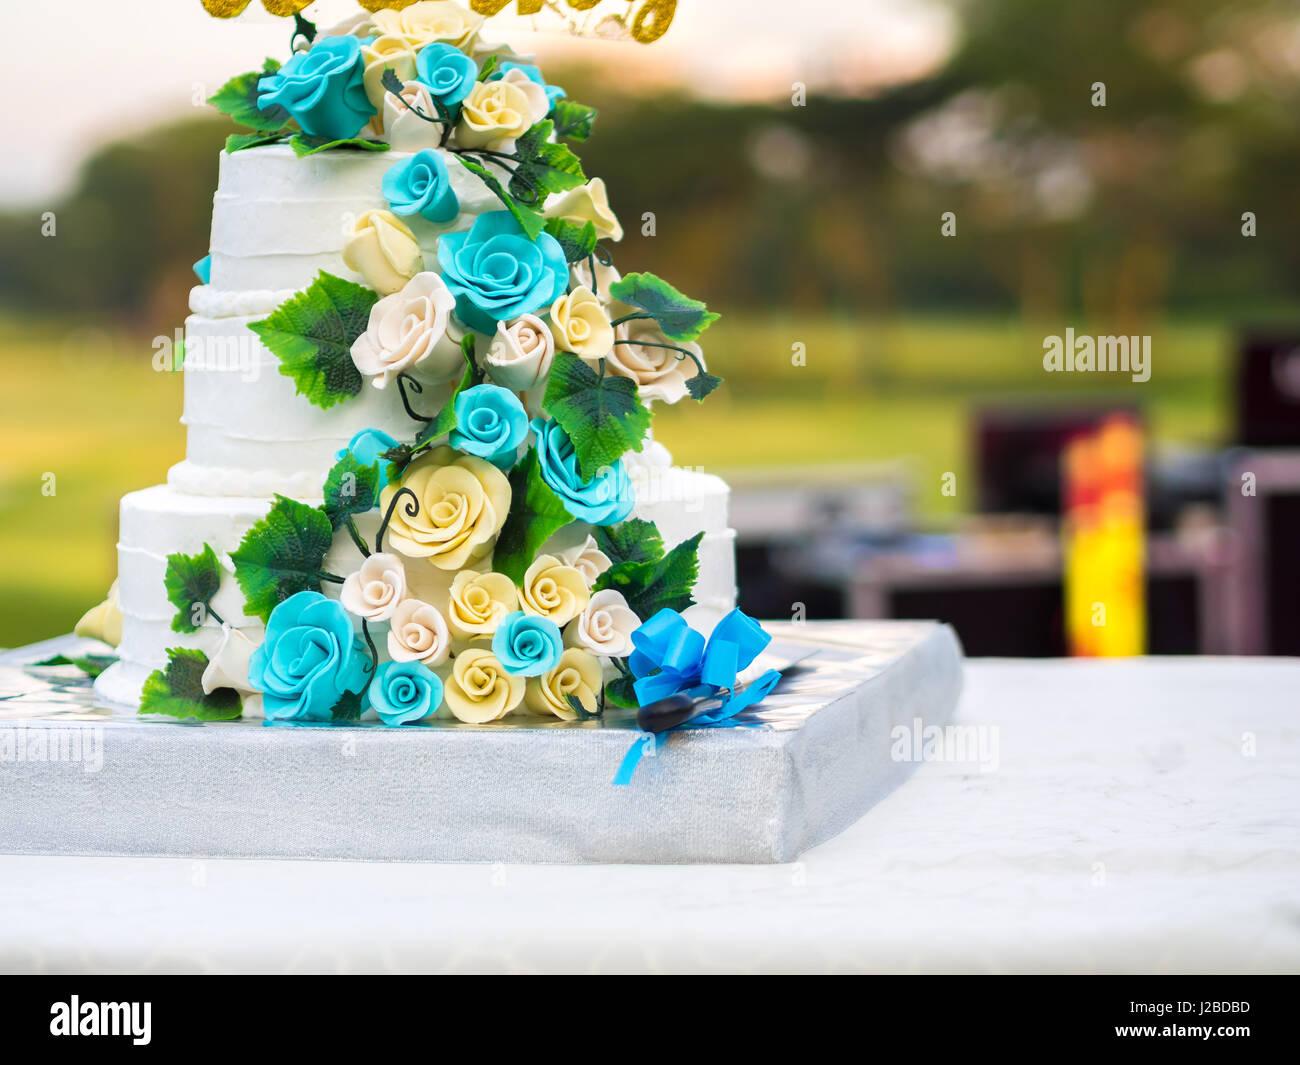 Wunderschöne Hochzeitstorte mit blauen und gelben Rosen Stockbild